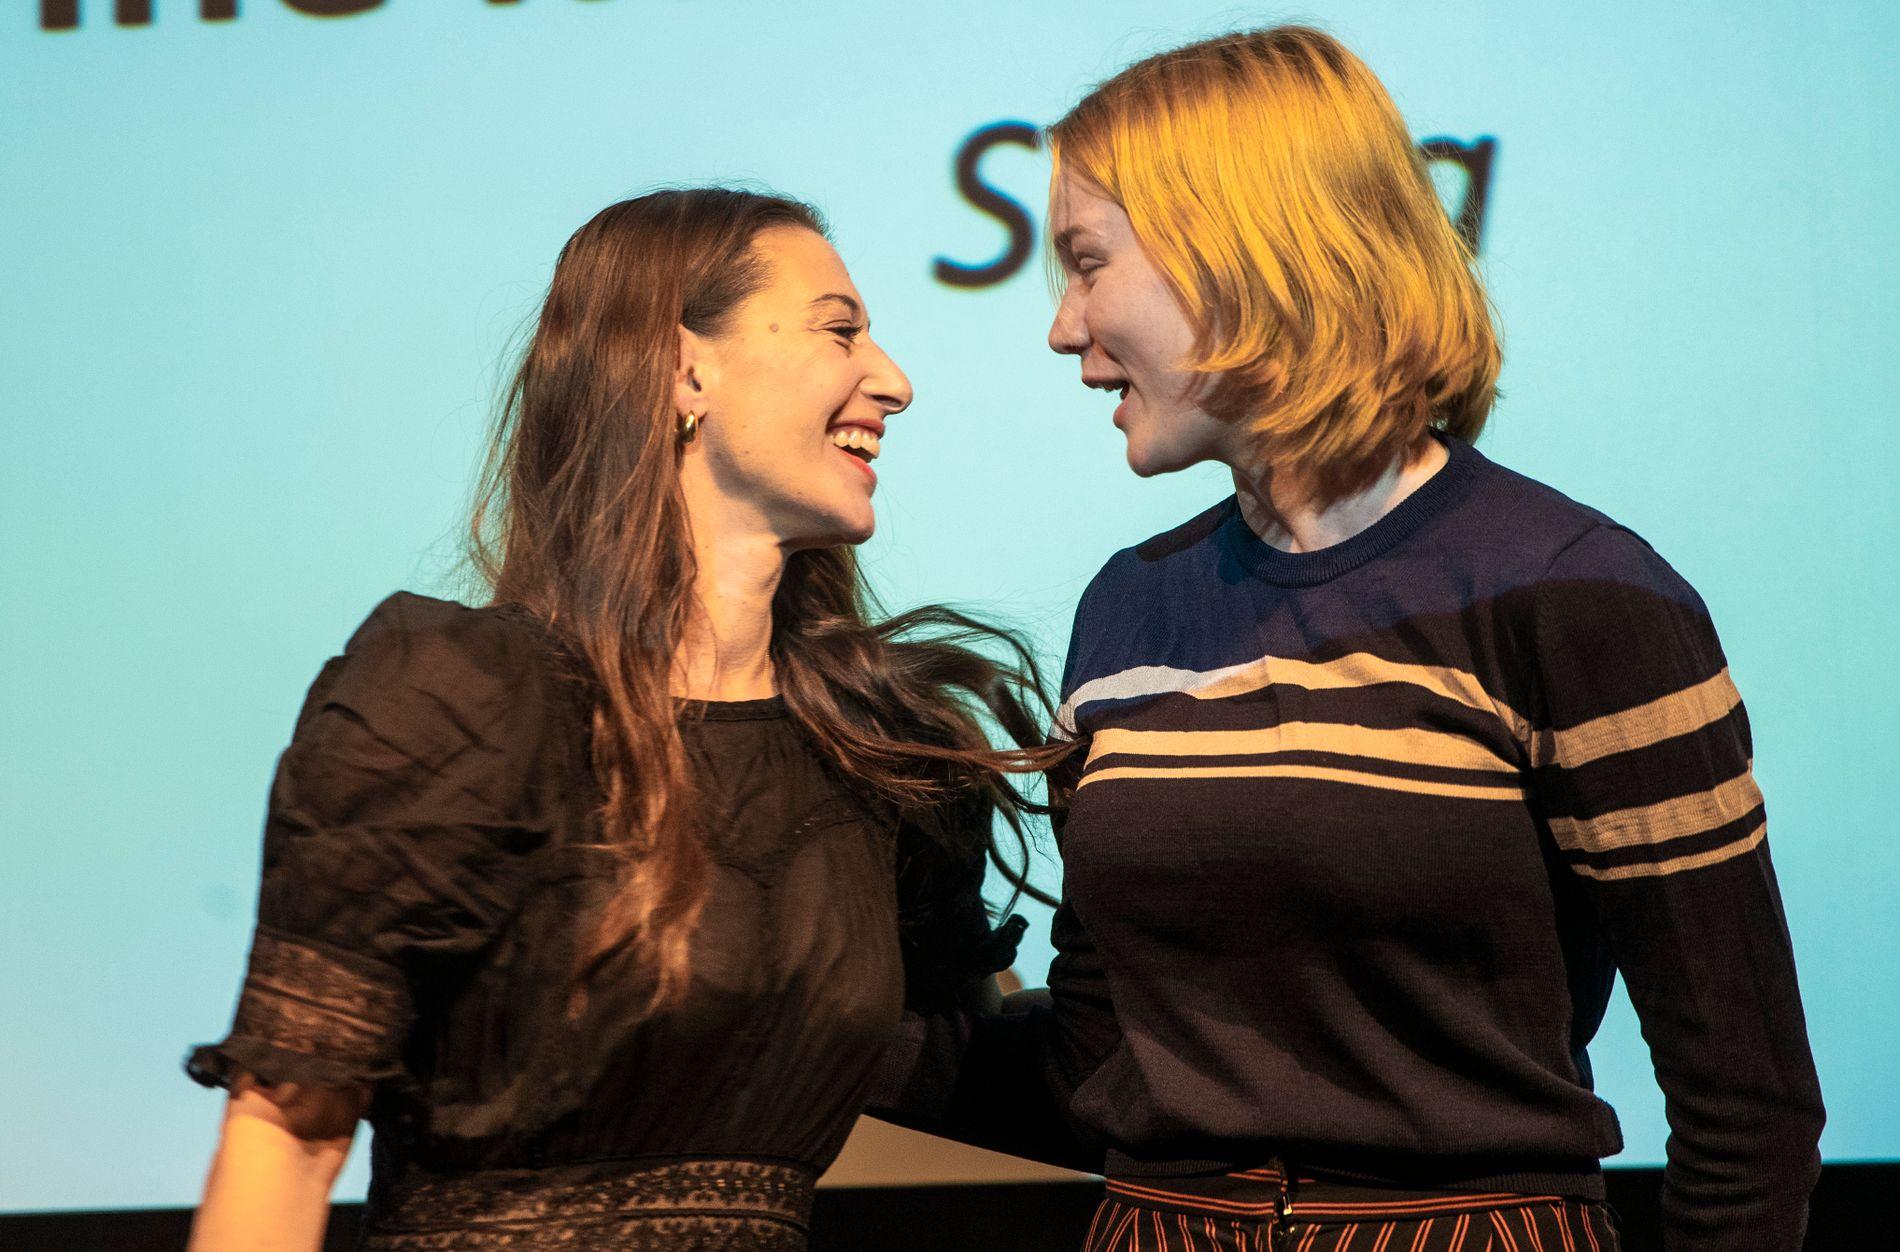 KONKURRENTER: Pia Tjelta (t.v.), Ine Marie Wilmann og Ines Høysæter Asserson er de nominerte i kategorien Beste kvinnelige skuespiller.